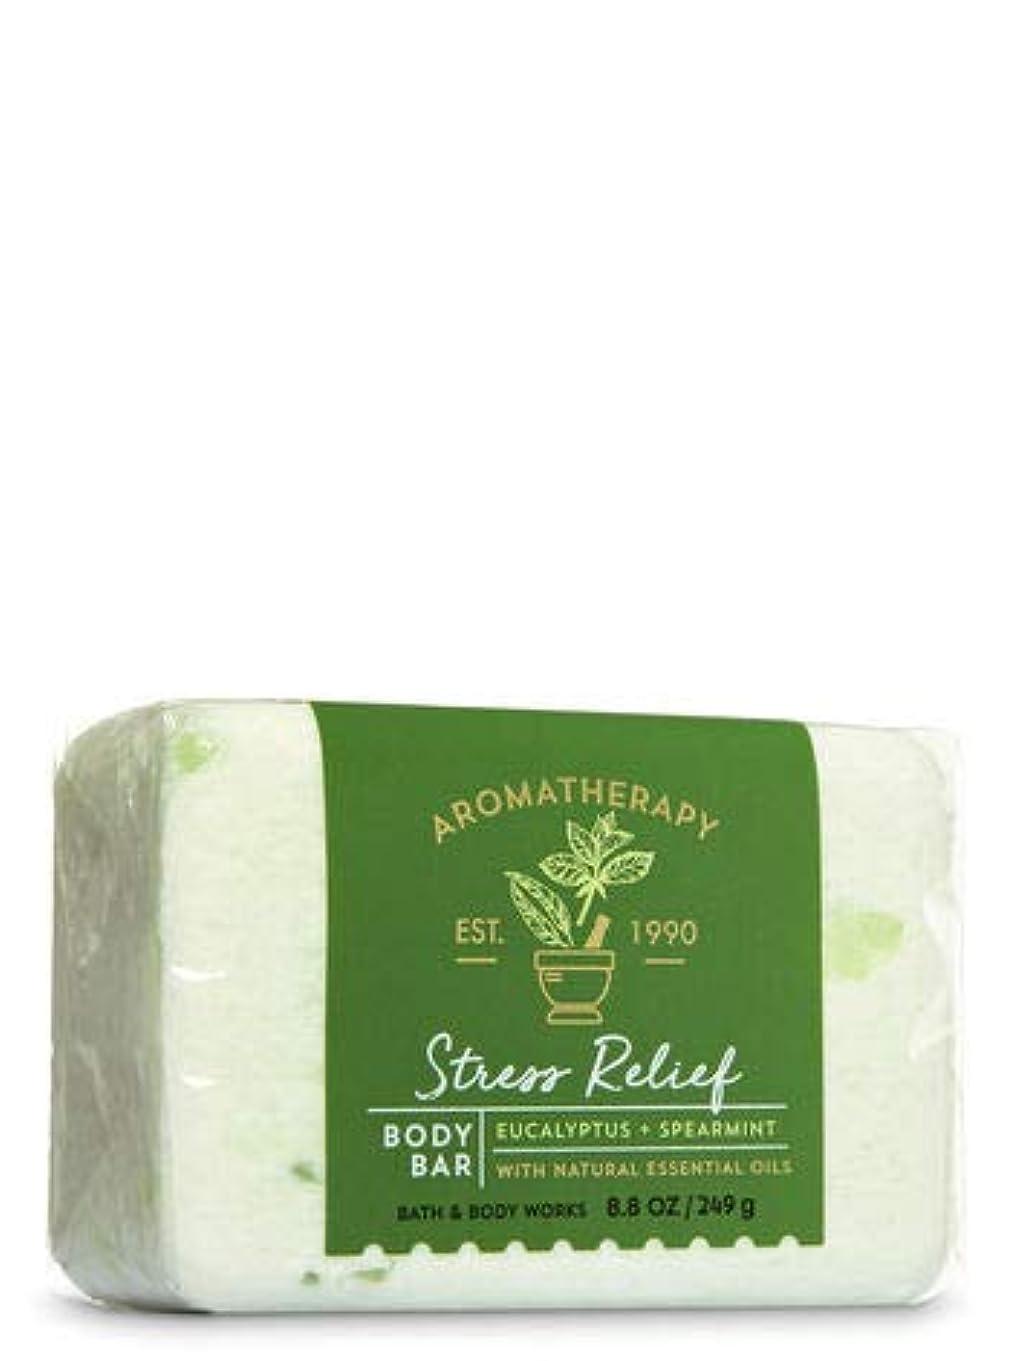 バス&ボディワークス アロマセラピー ストレスリリーフ ユーカリスペアミント ボディバー(固形石鹸) STRESS RELIEF Eucalyptus Spearmint Body Bar [海外直送品]